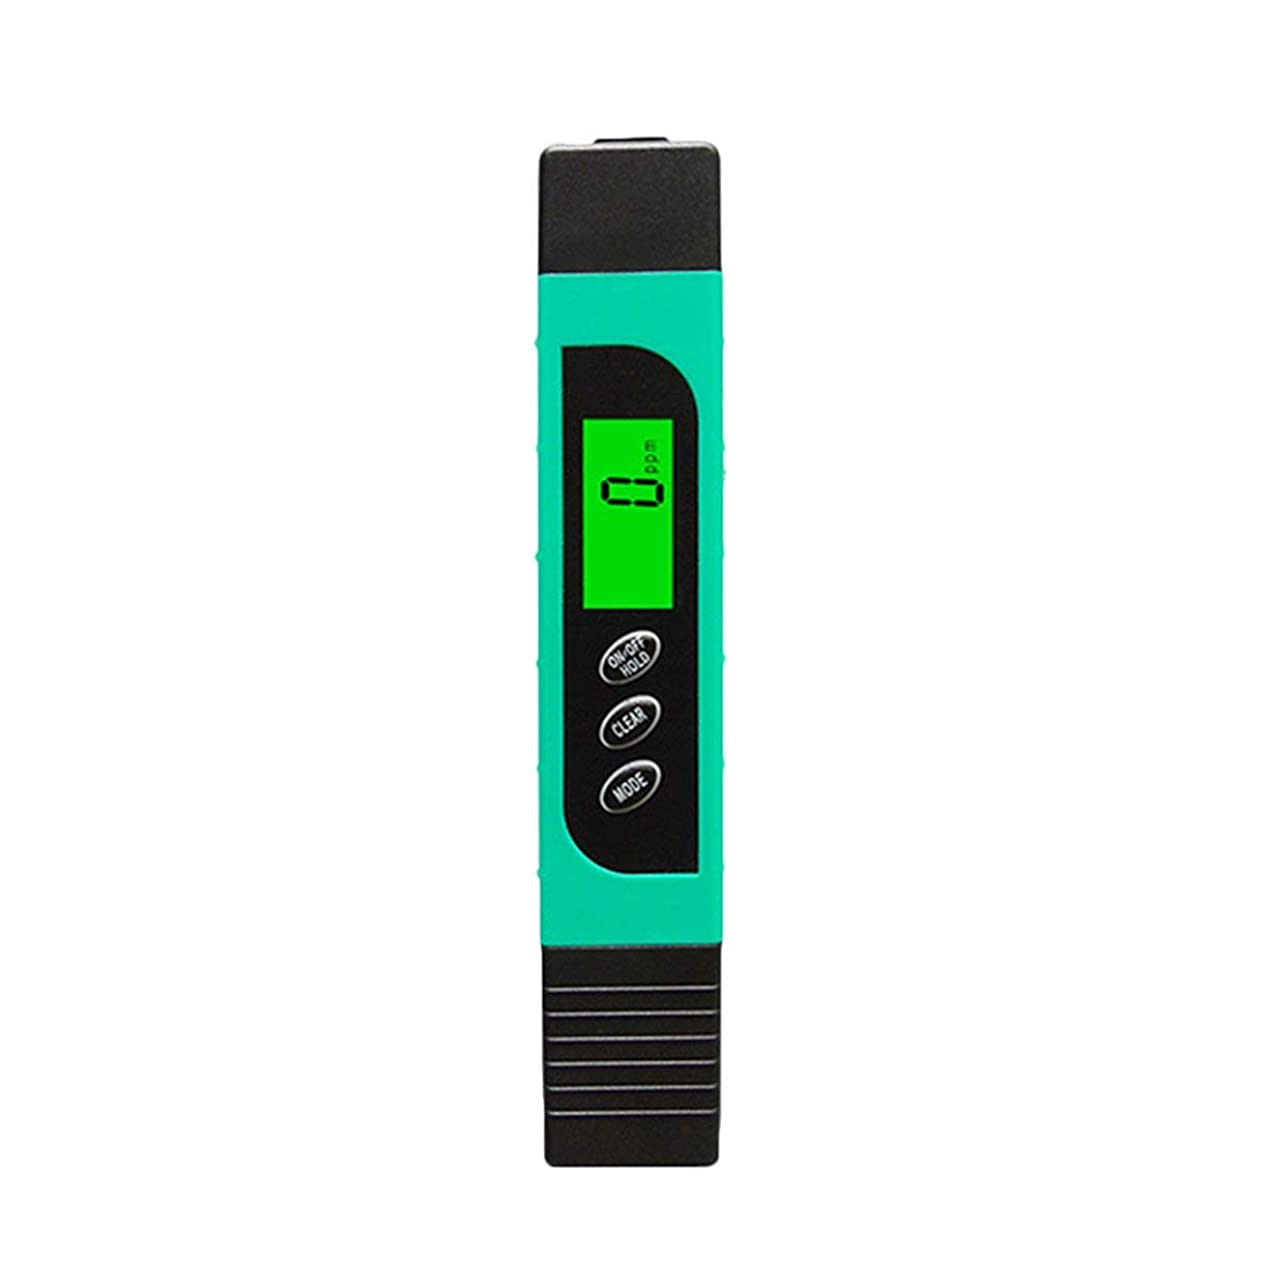 サンプルイベント発表多機能TDSメーターテスターポータブルデジタルペン0.01高精度フィルター測定水質純度テストツール - ブルー